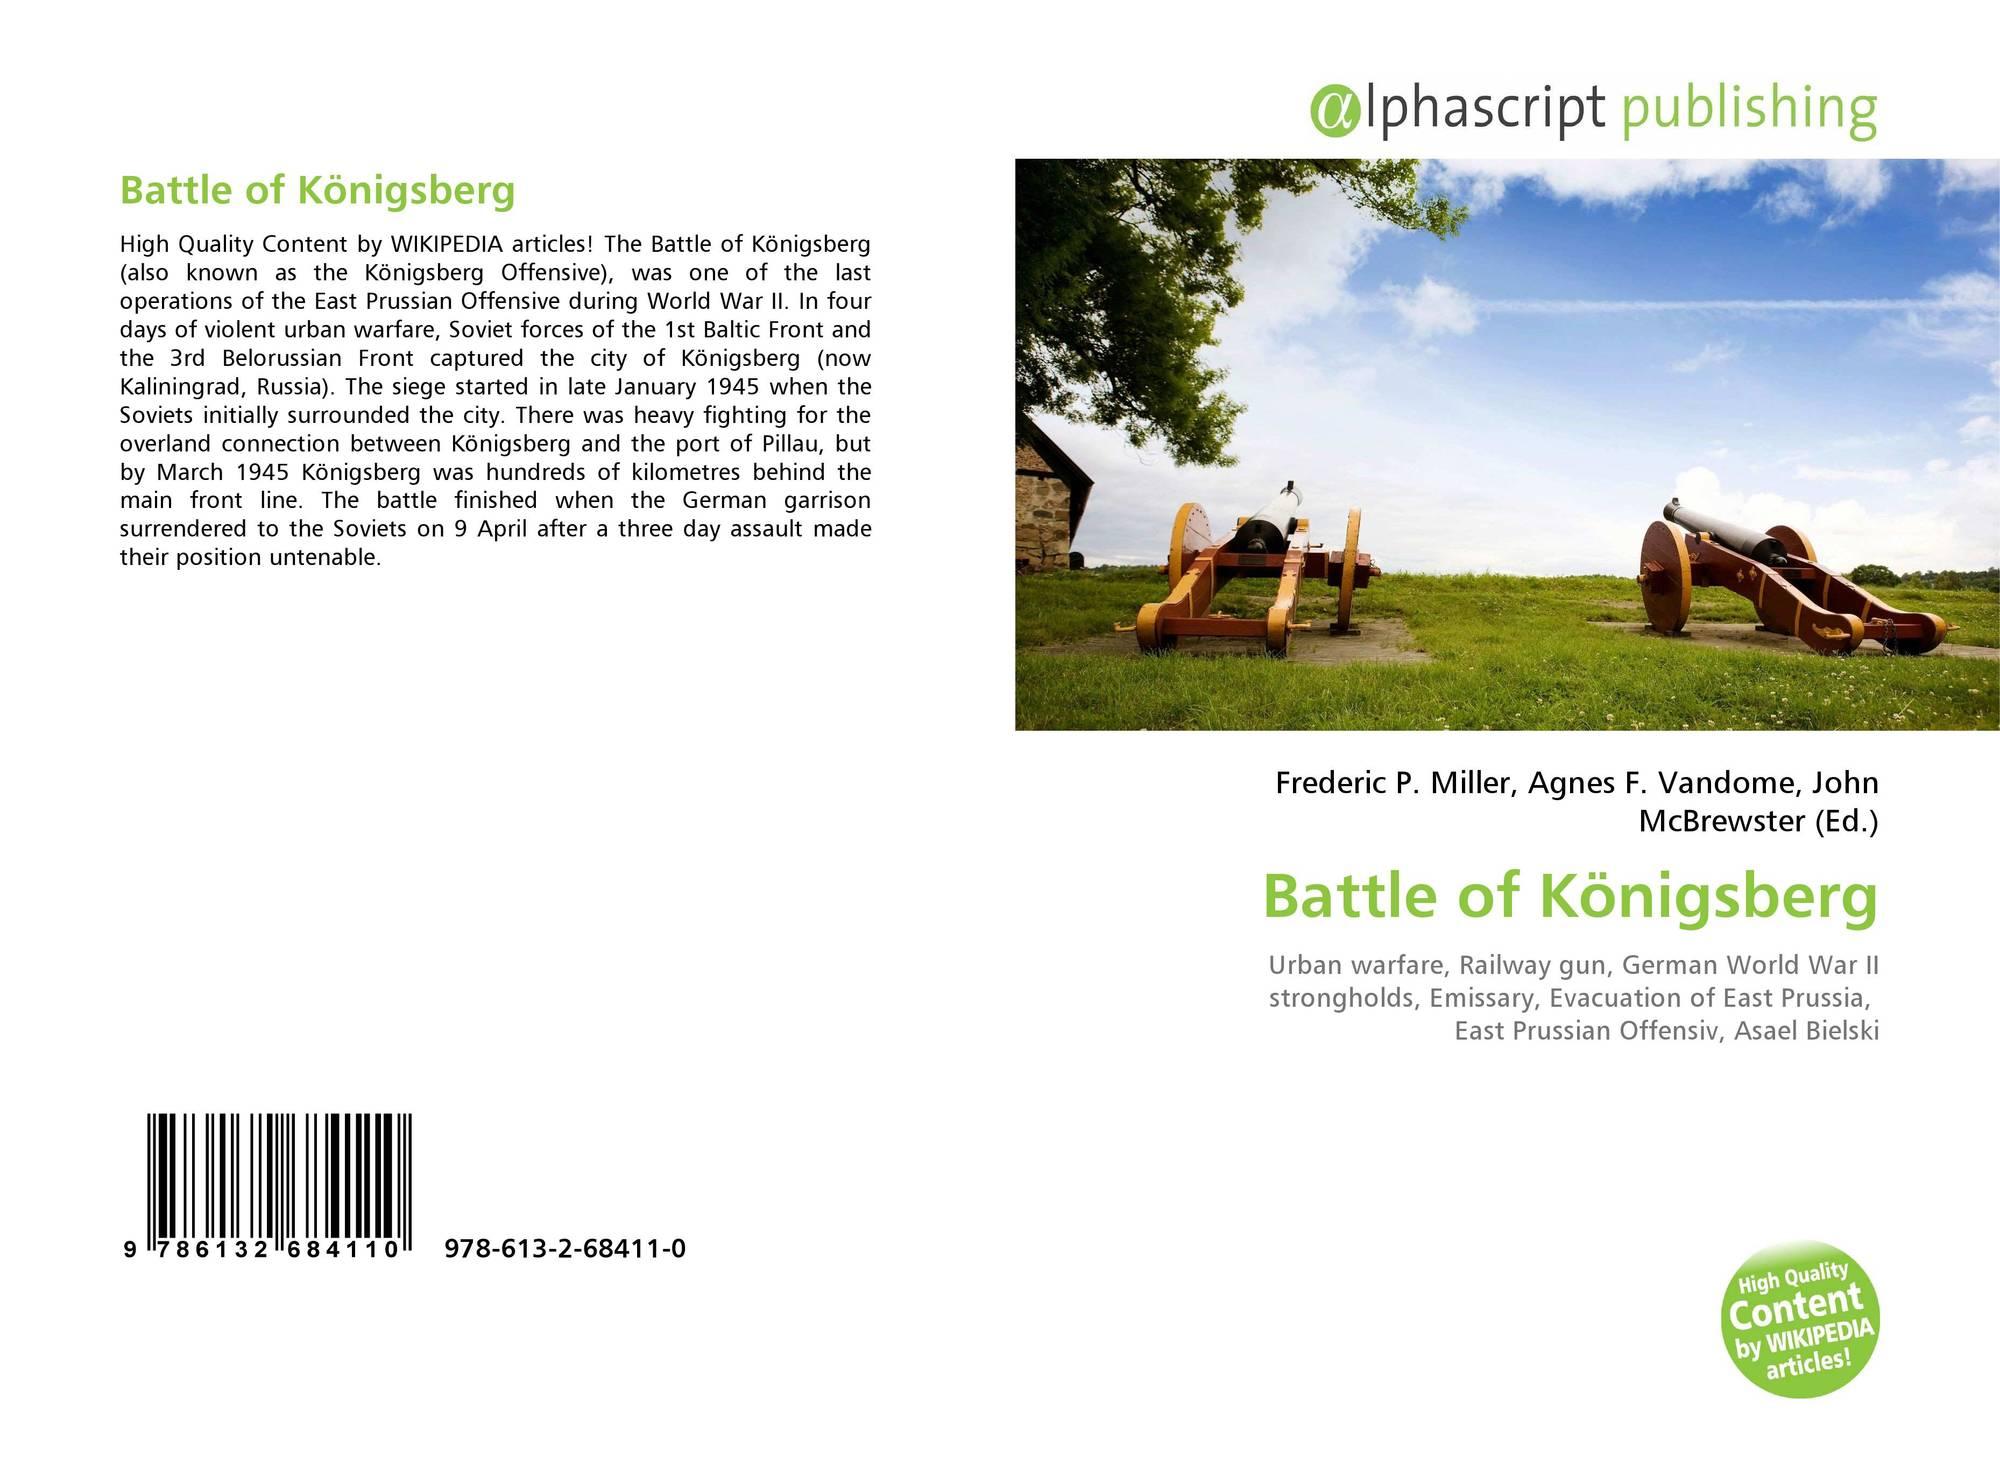 Battle of Königsberg, 978-613-2-68411-0, 6132684115 ,9786132684110